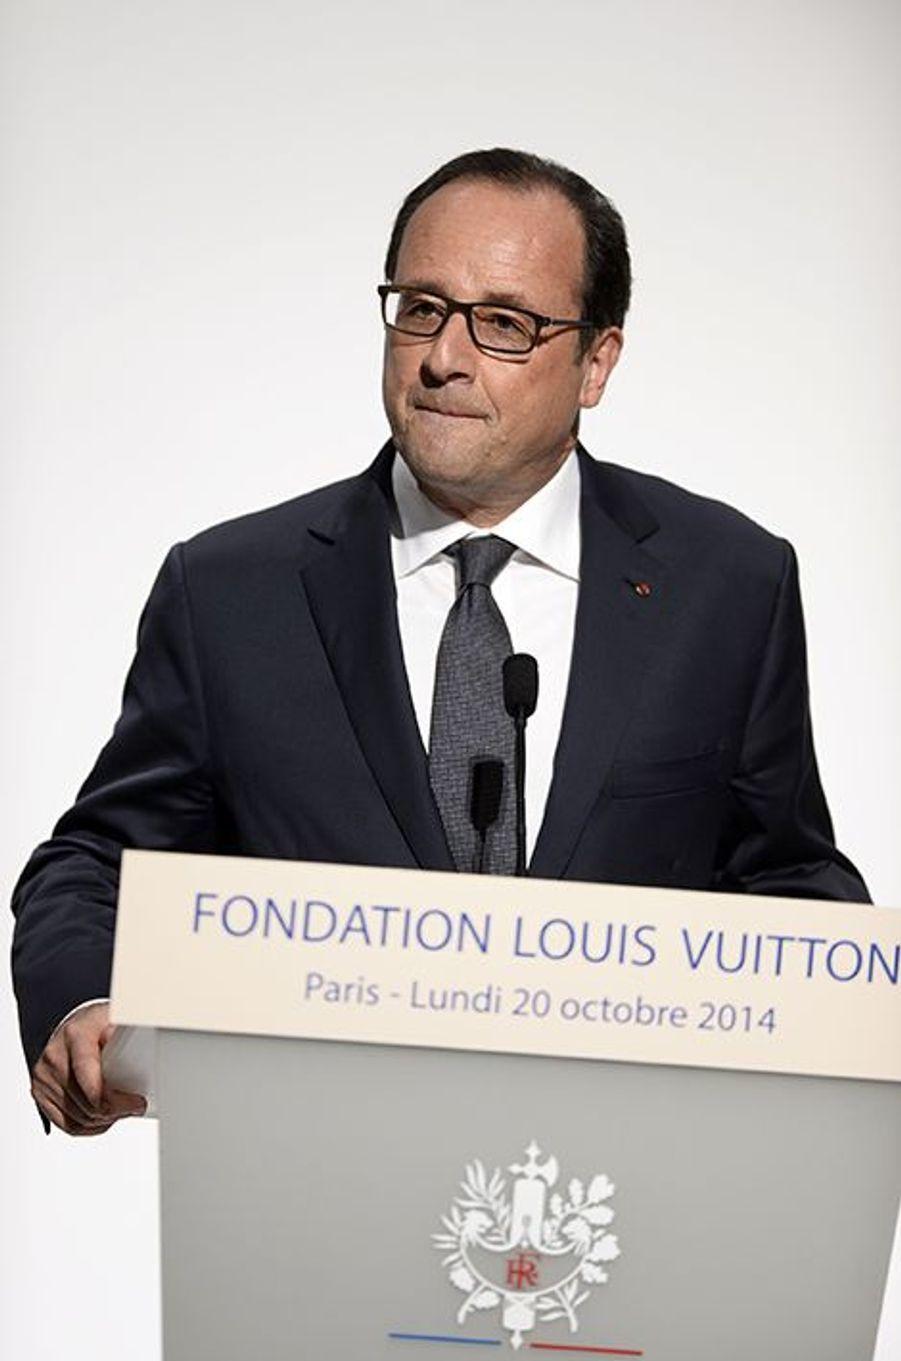 François Hollande à l'inauguration de la Fondation Louis Vuitton le 20 octobre 2014 à Paris